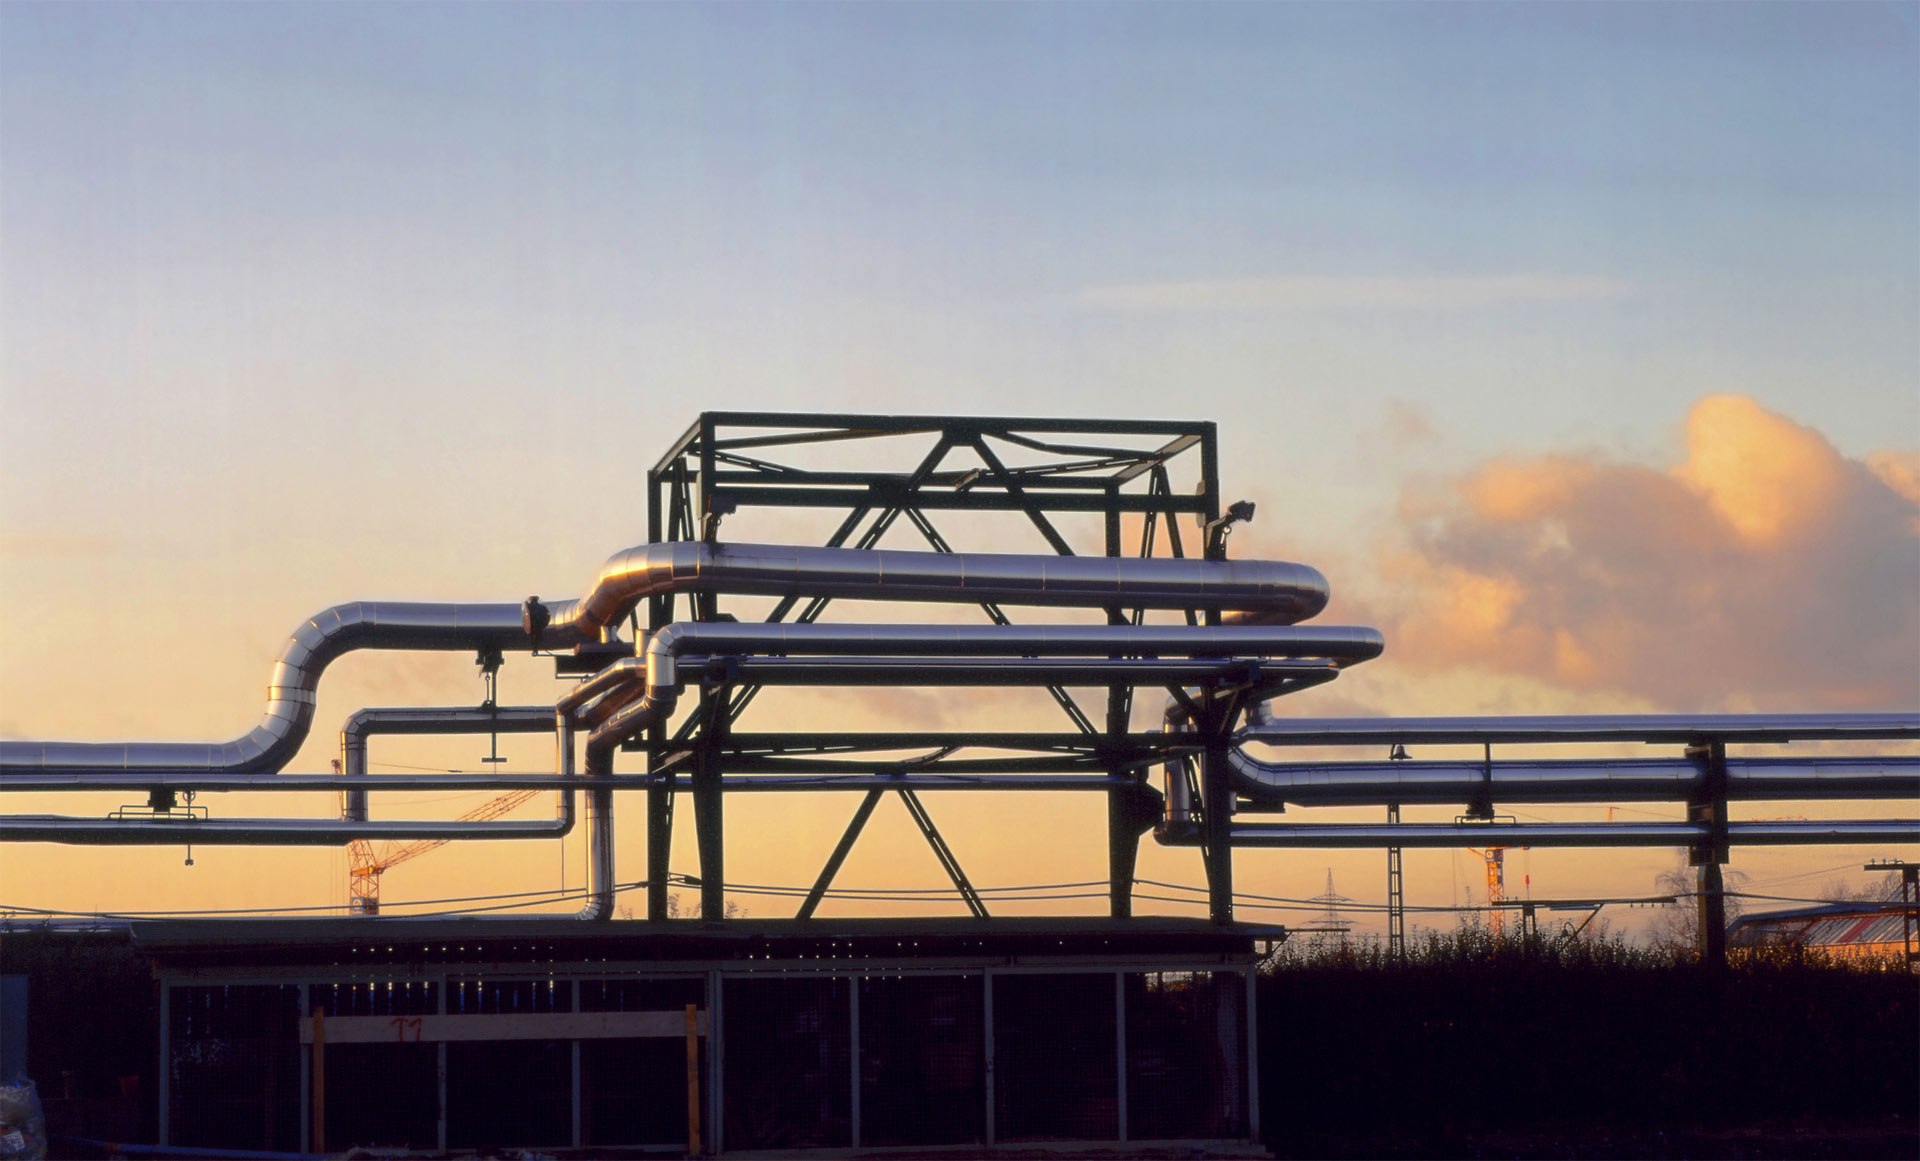 Una vez que se hayan levantado las sanciones contra el país persa, venderán gas natural al viejo continente